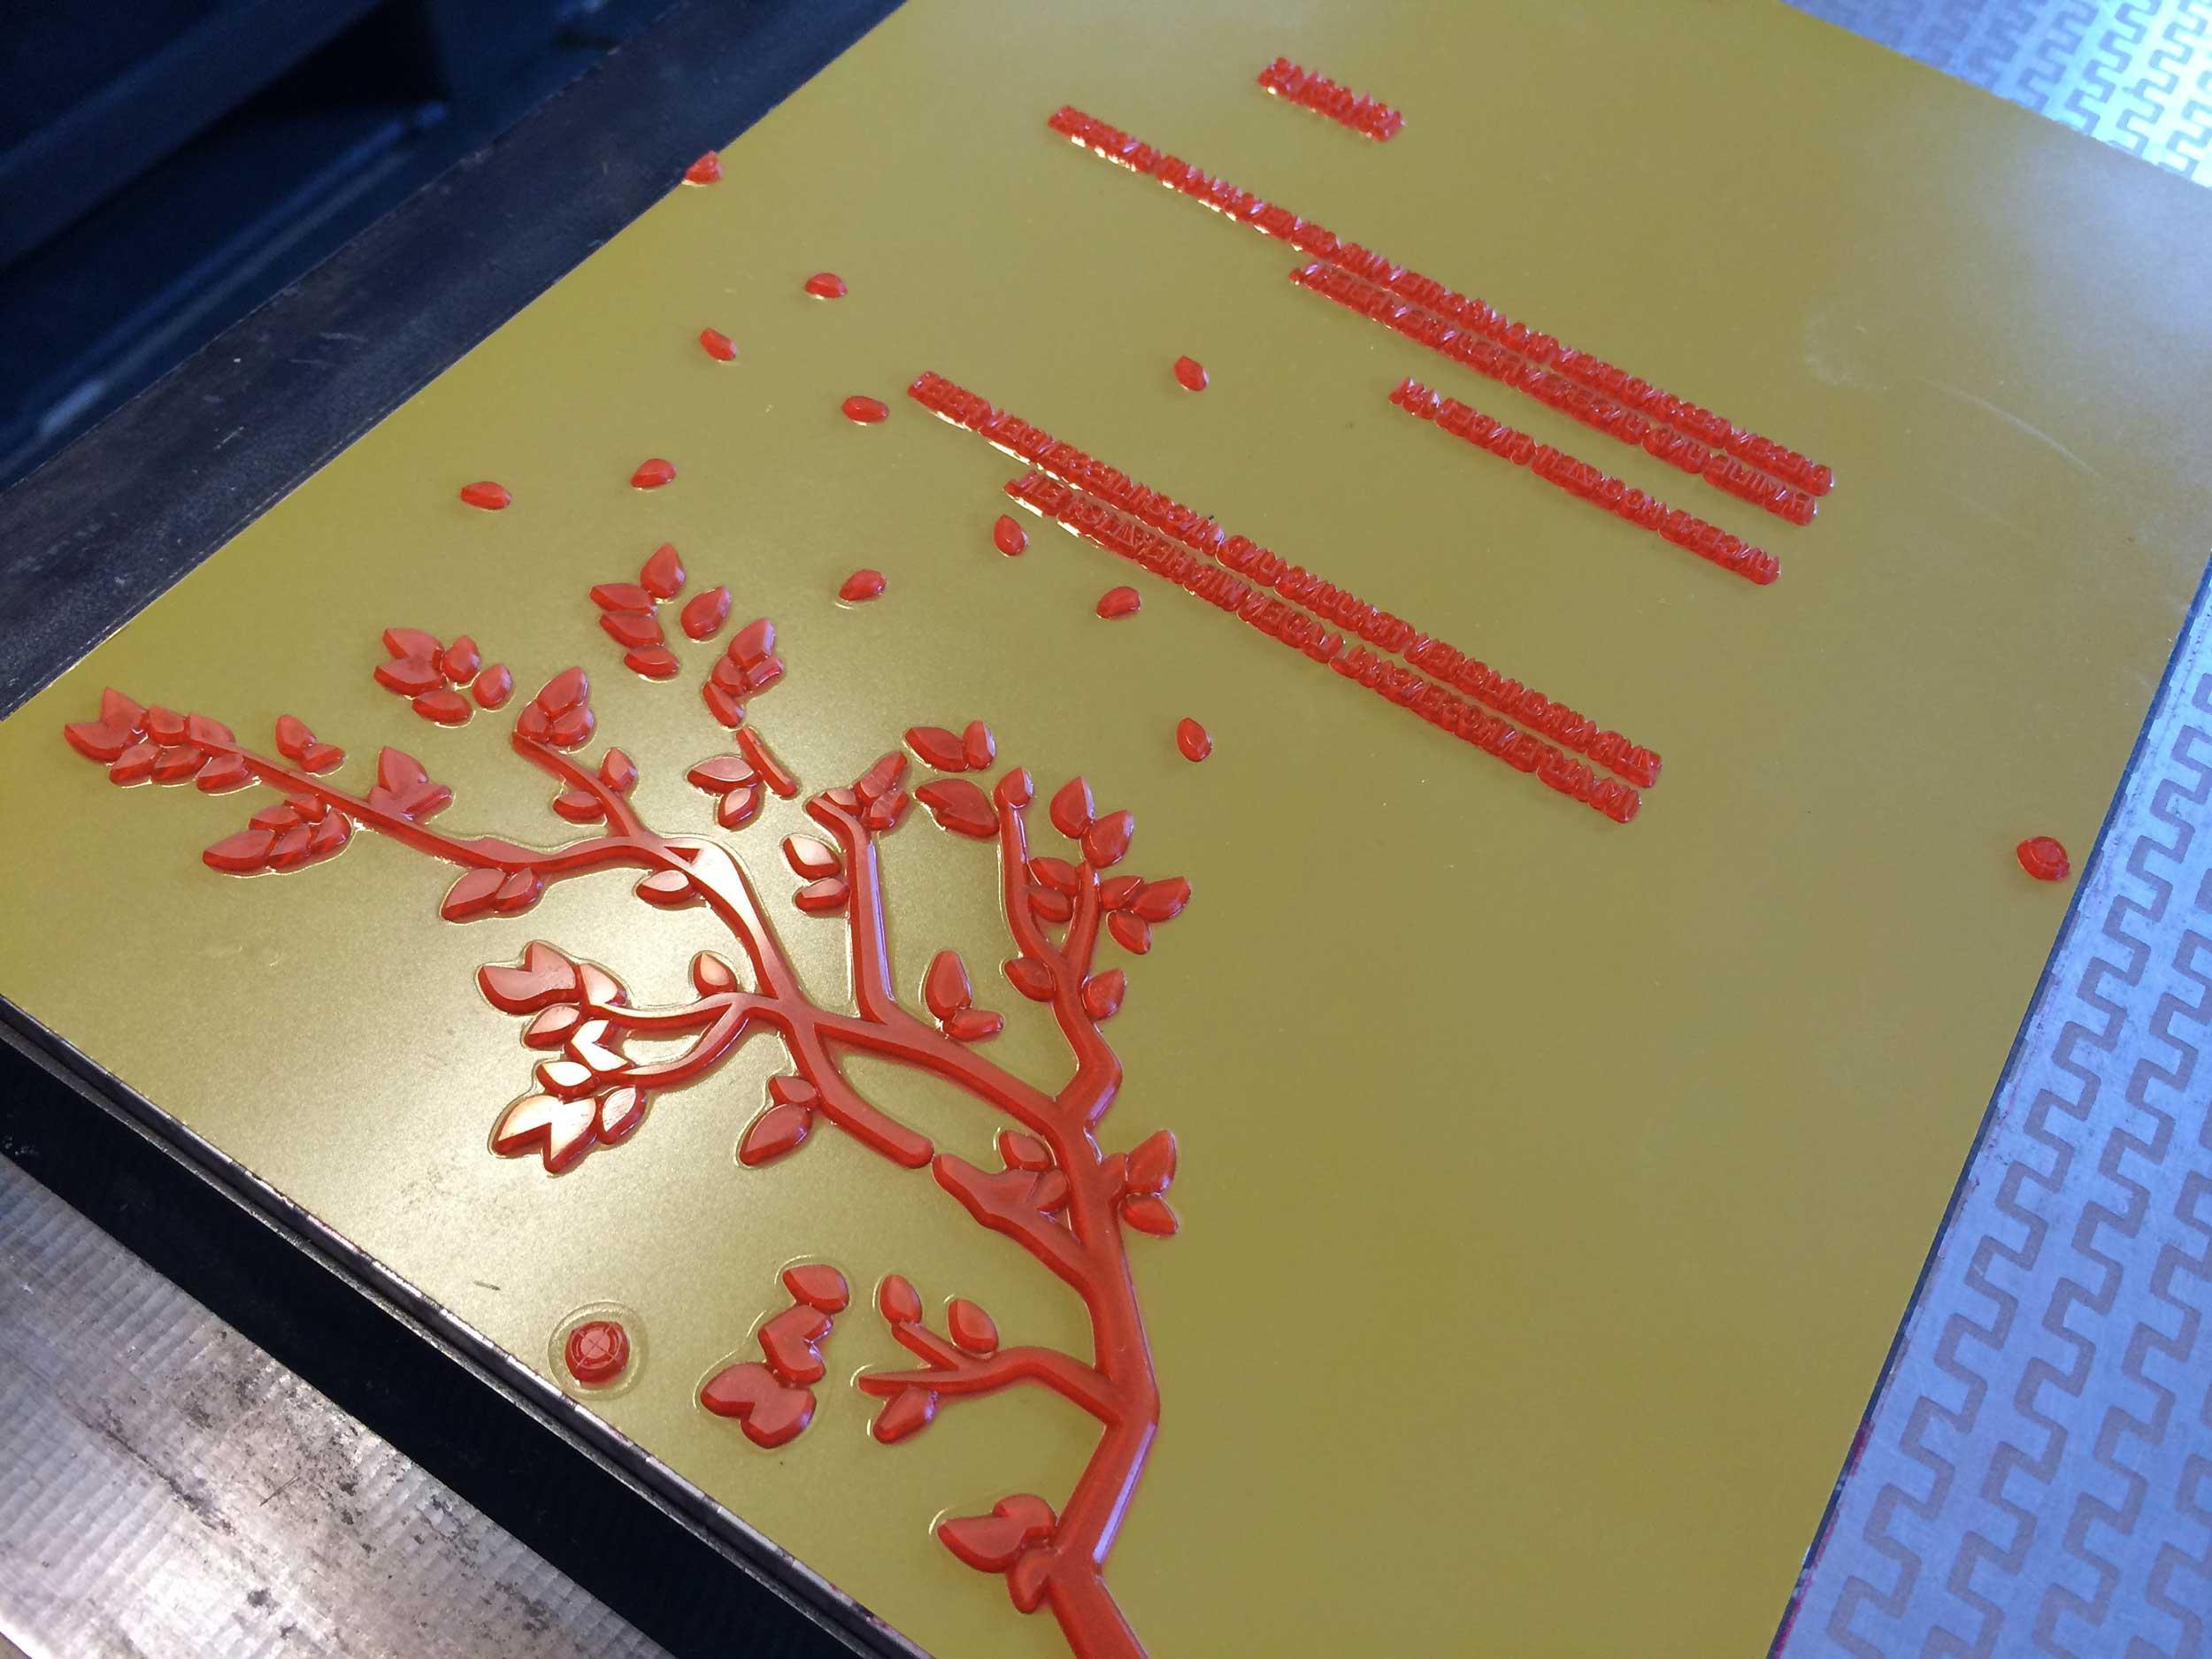 Letterpress Druckplatte Druckklischee